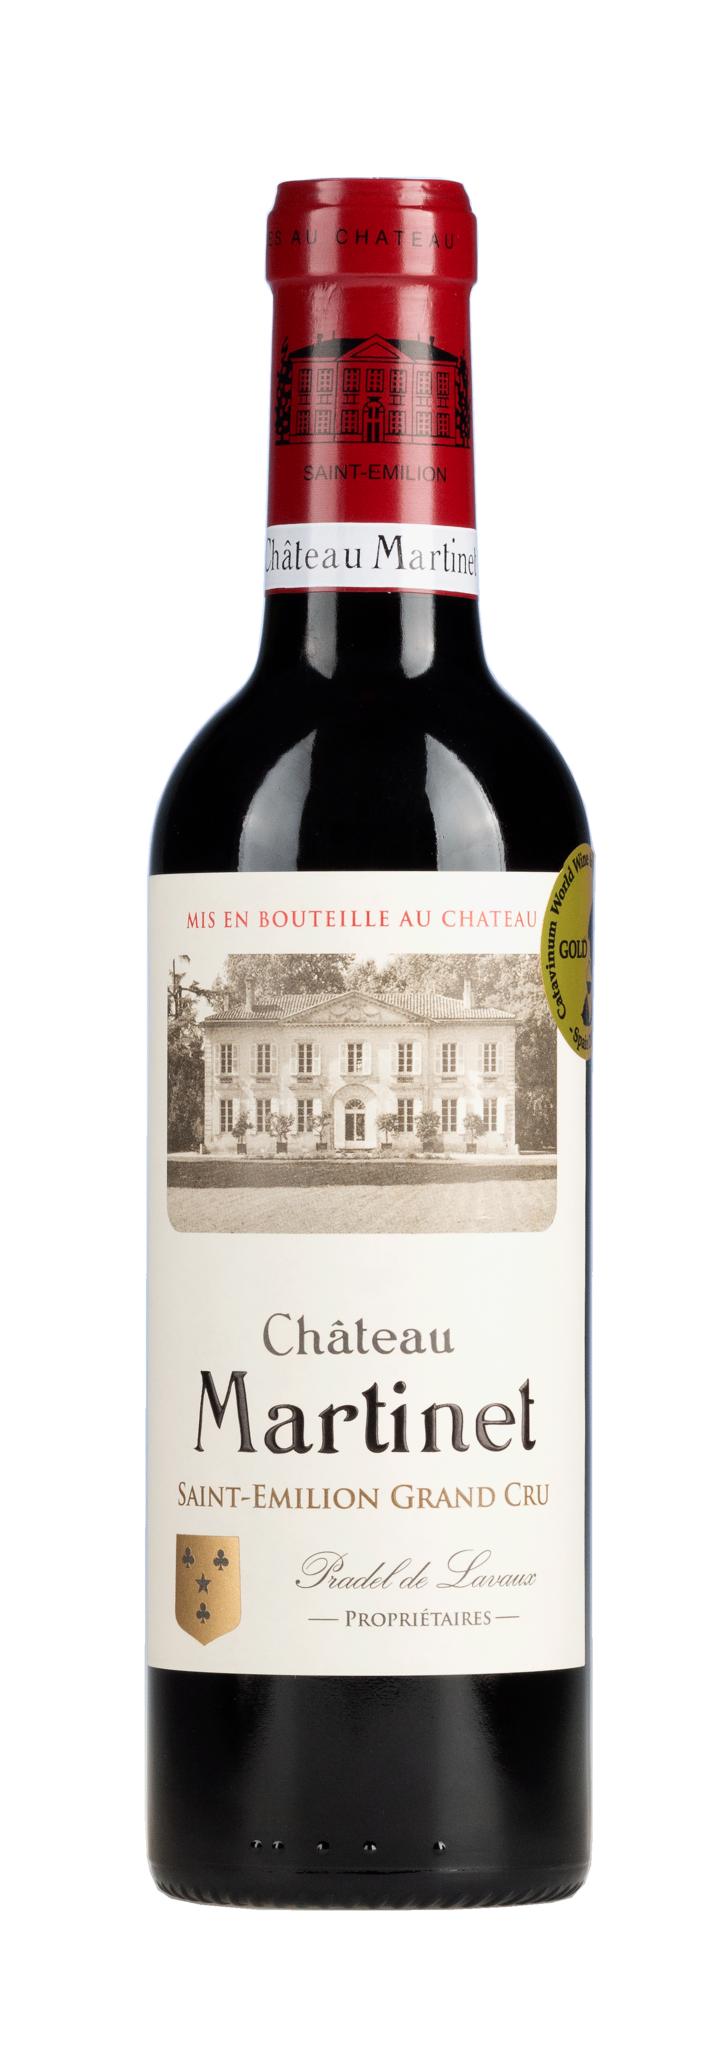 Bordeaux Diverse 2018 Chateau Martinet Saint-Emilion Grand Cru 0,375L